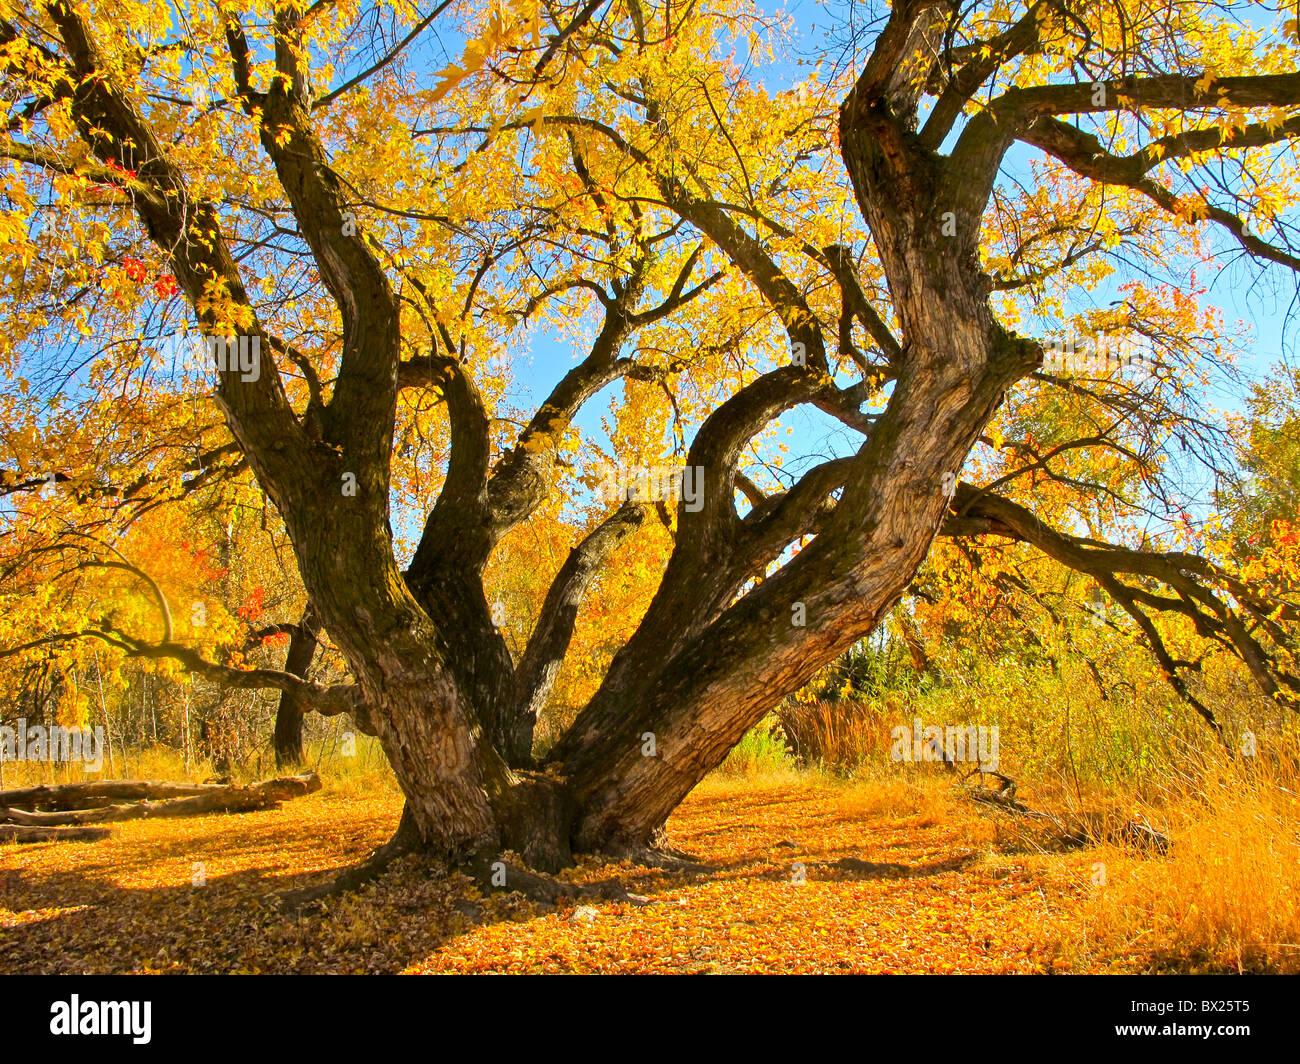 Etats Unis, Boise, Belle érable sur la Boise River Greenbelt, à l'automne. Photo Stock